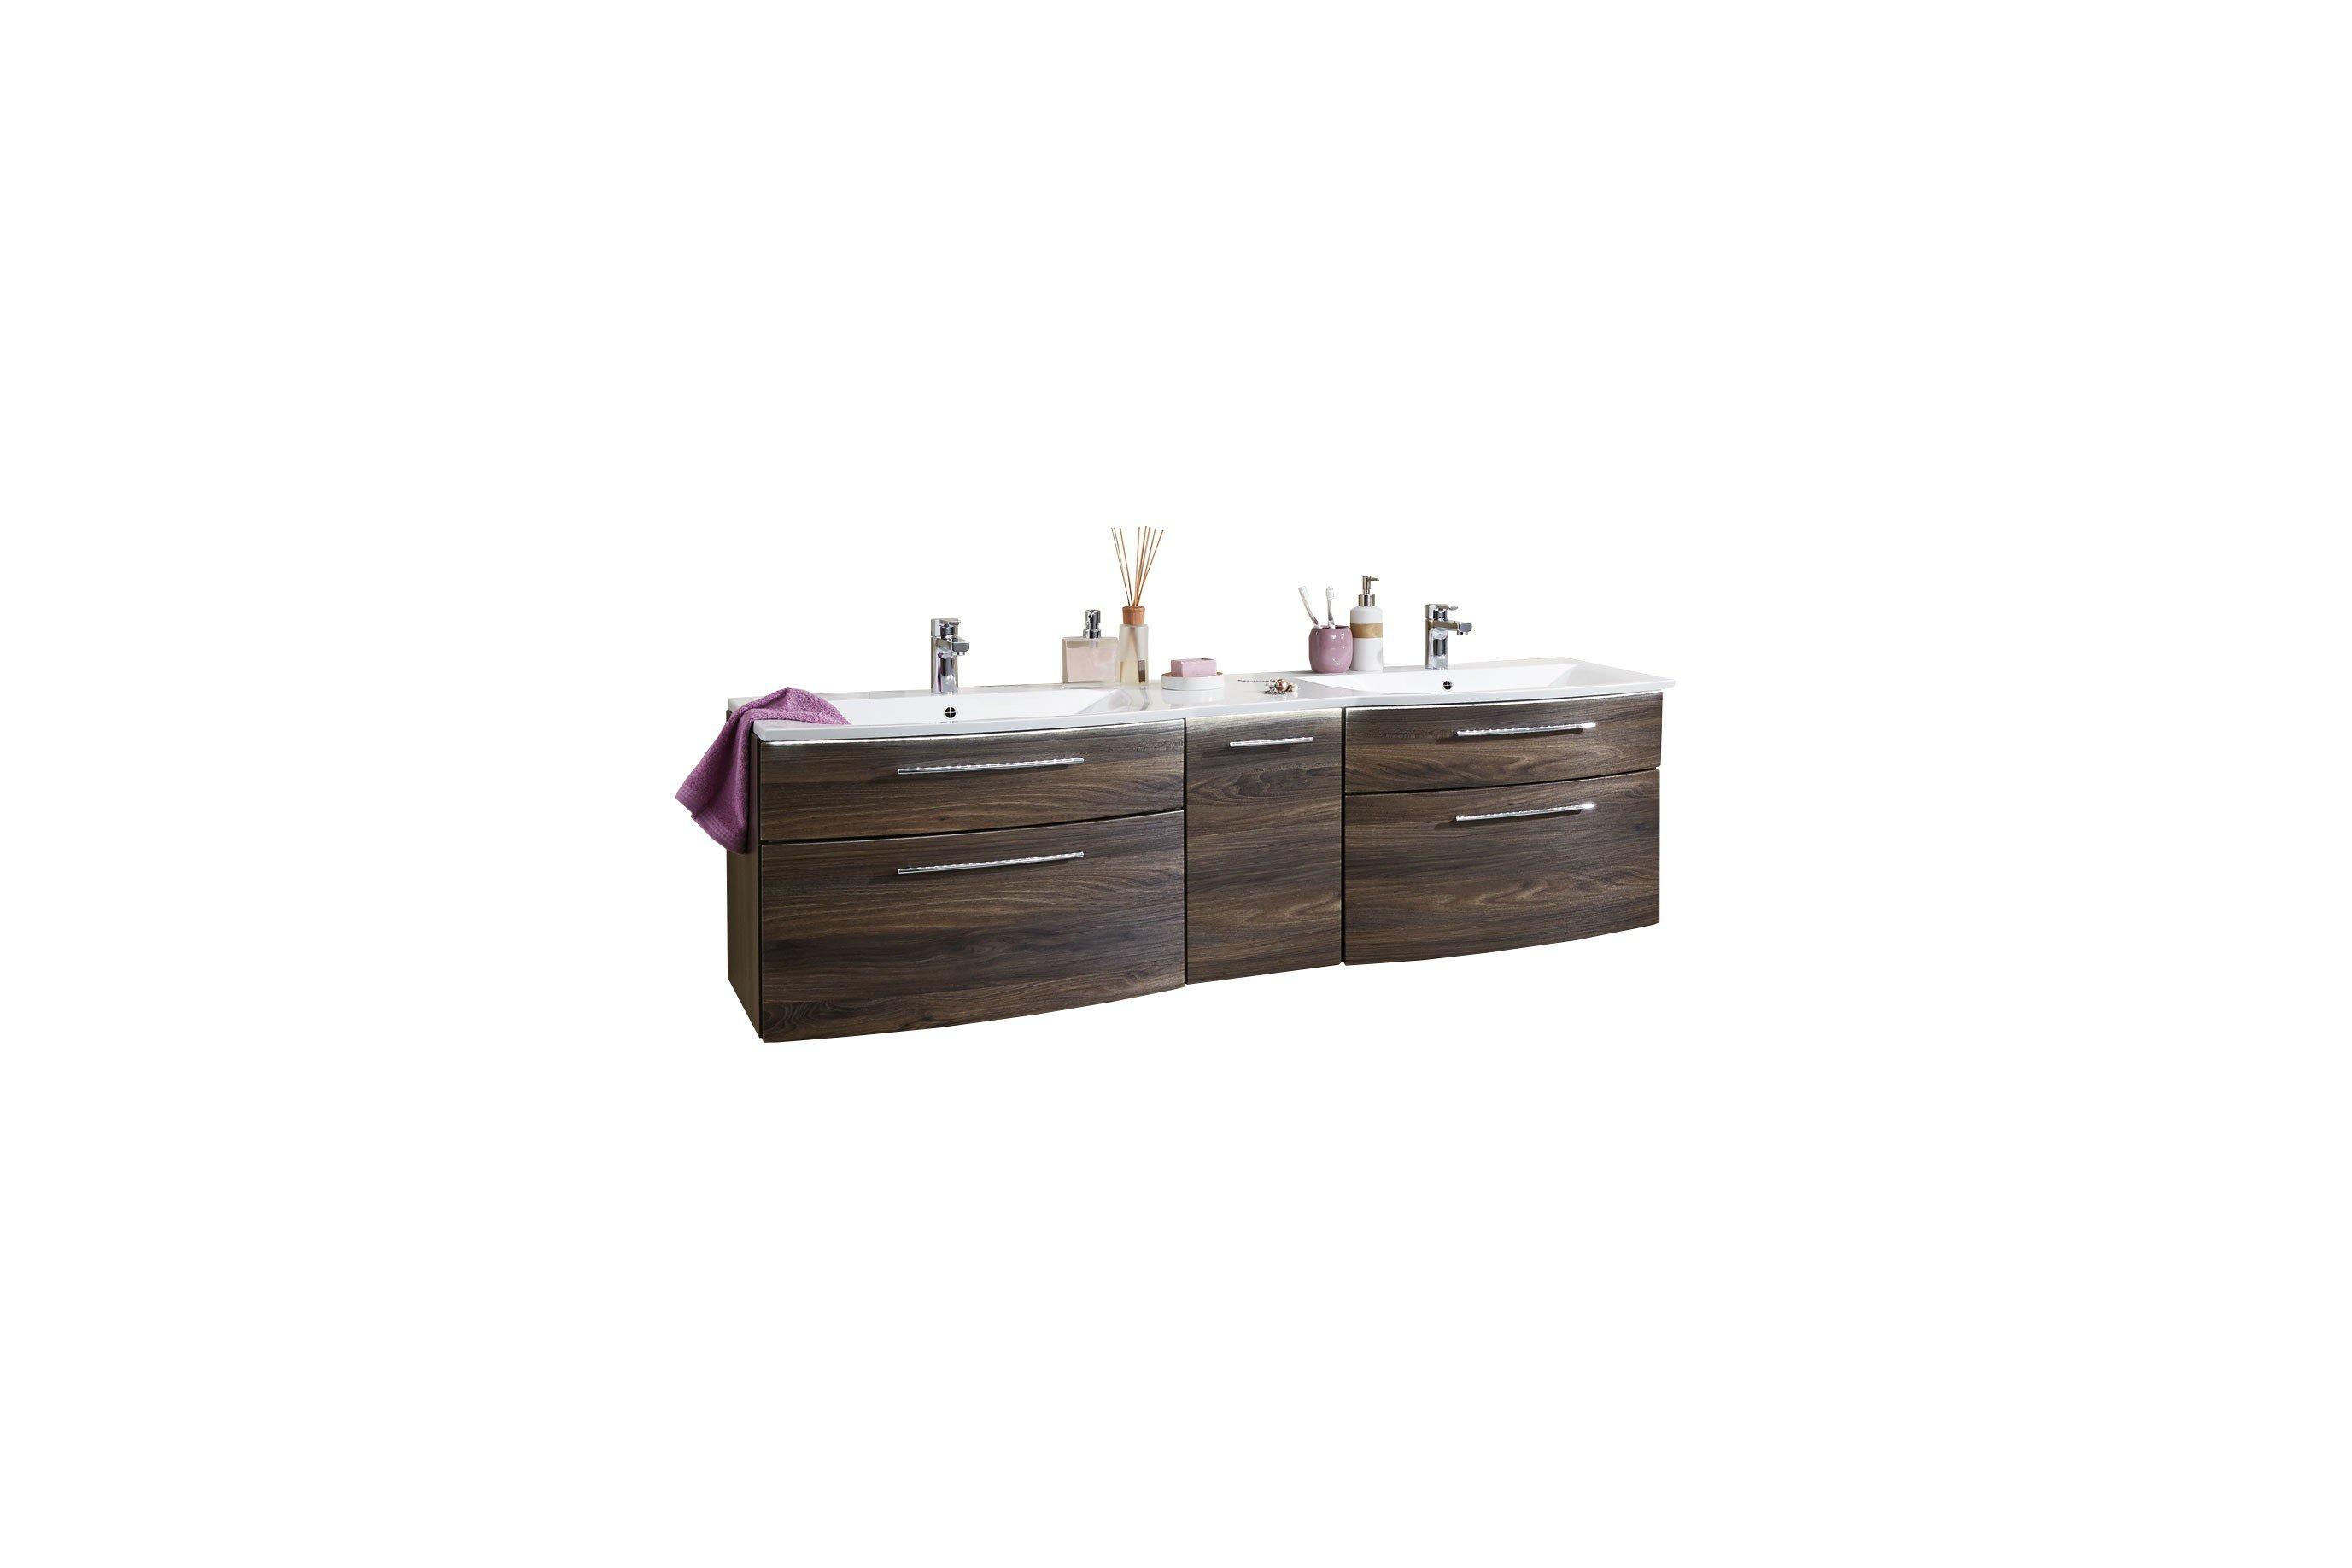 badezimmer linea ulme von puris m bel letz ihr online shop. Black Bedroom Furniture Sets. Home Design Ideas